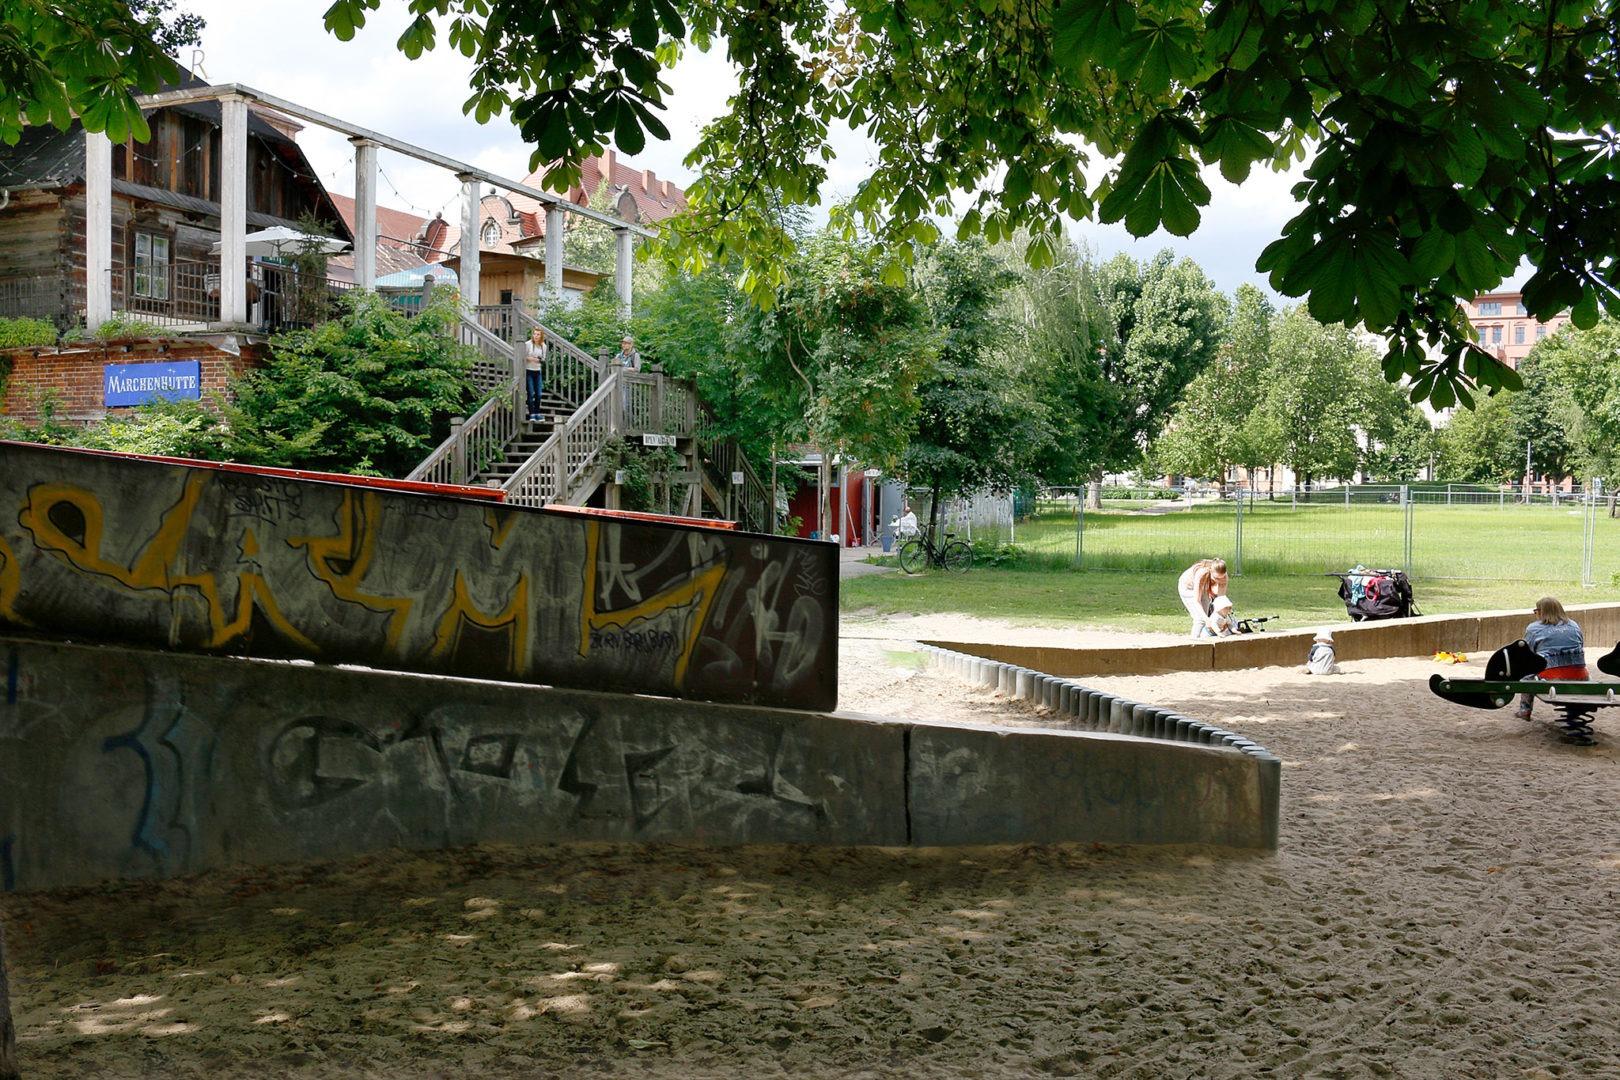 Monbijoupark